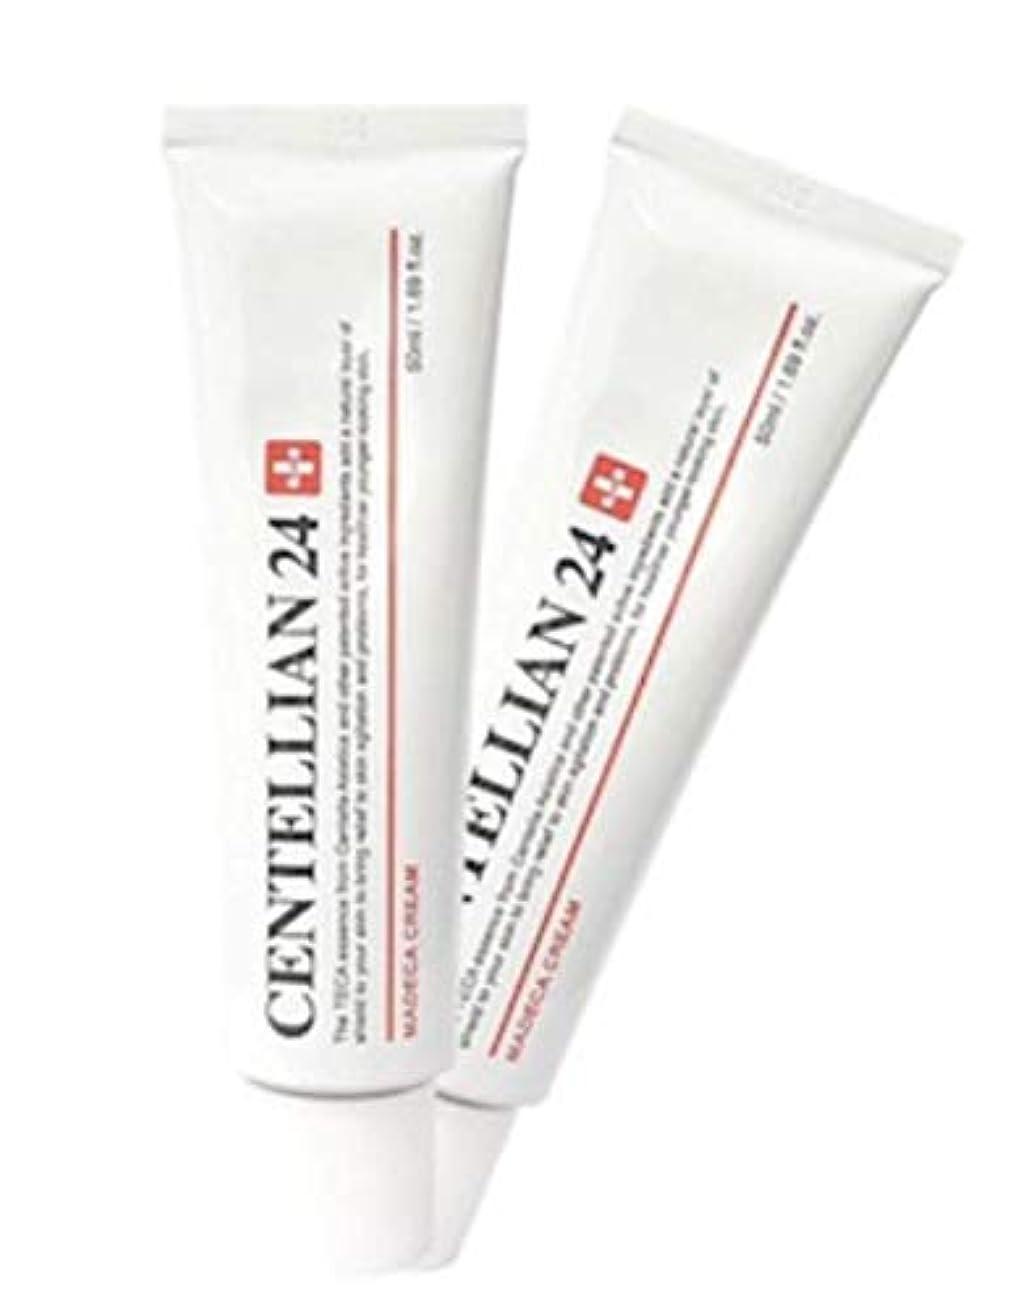 ベール首謀者すきセンテルリアン24マデカクリム50ml x 2本セット肌の保湿損傷した肌のケア、Centellian24 Madeca Cream 50ml x 2ea Set Skin Moisturizing Damaged Skin...